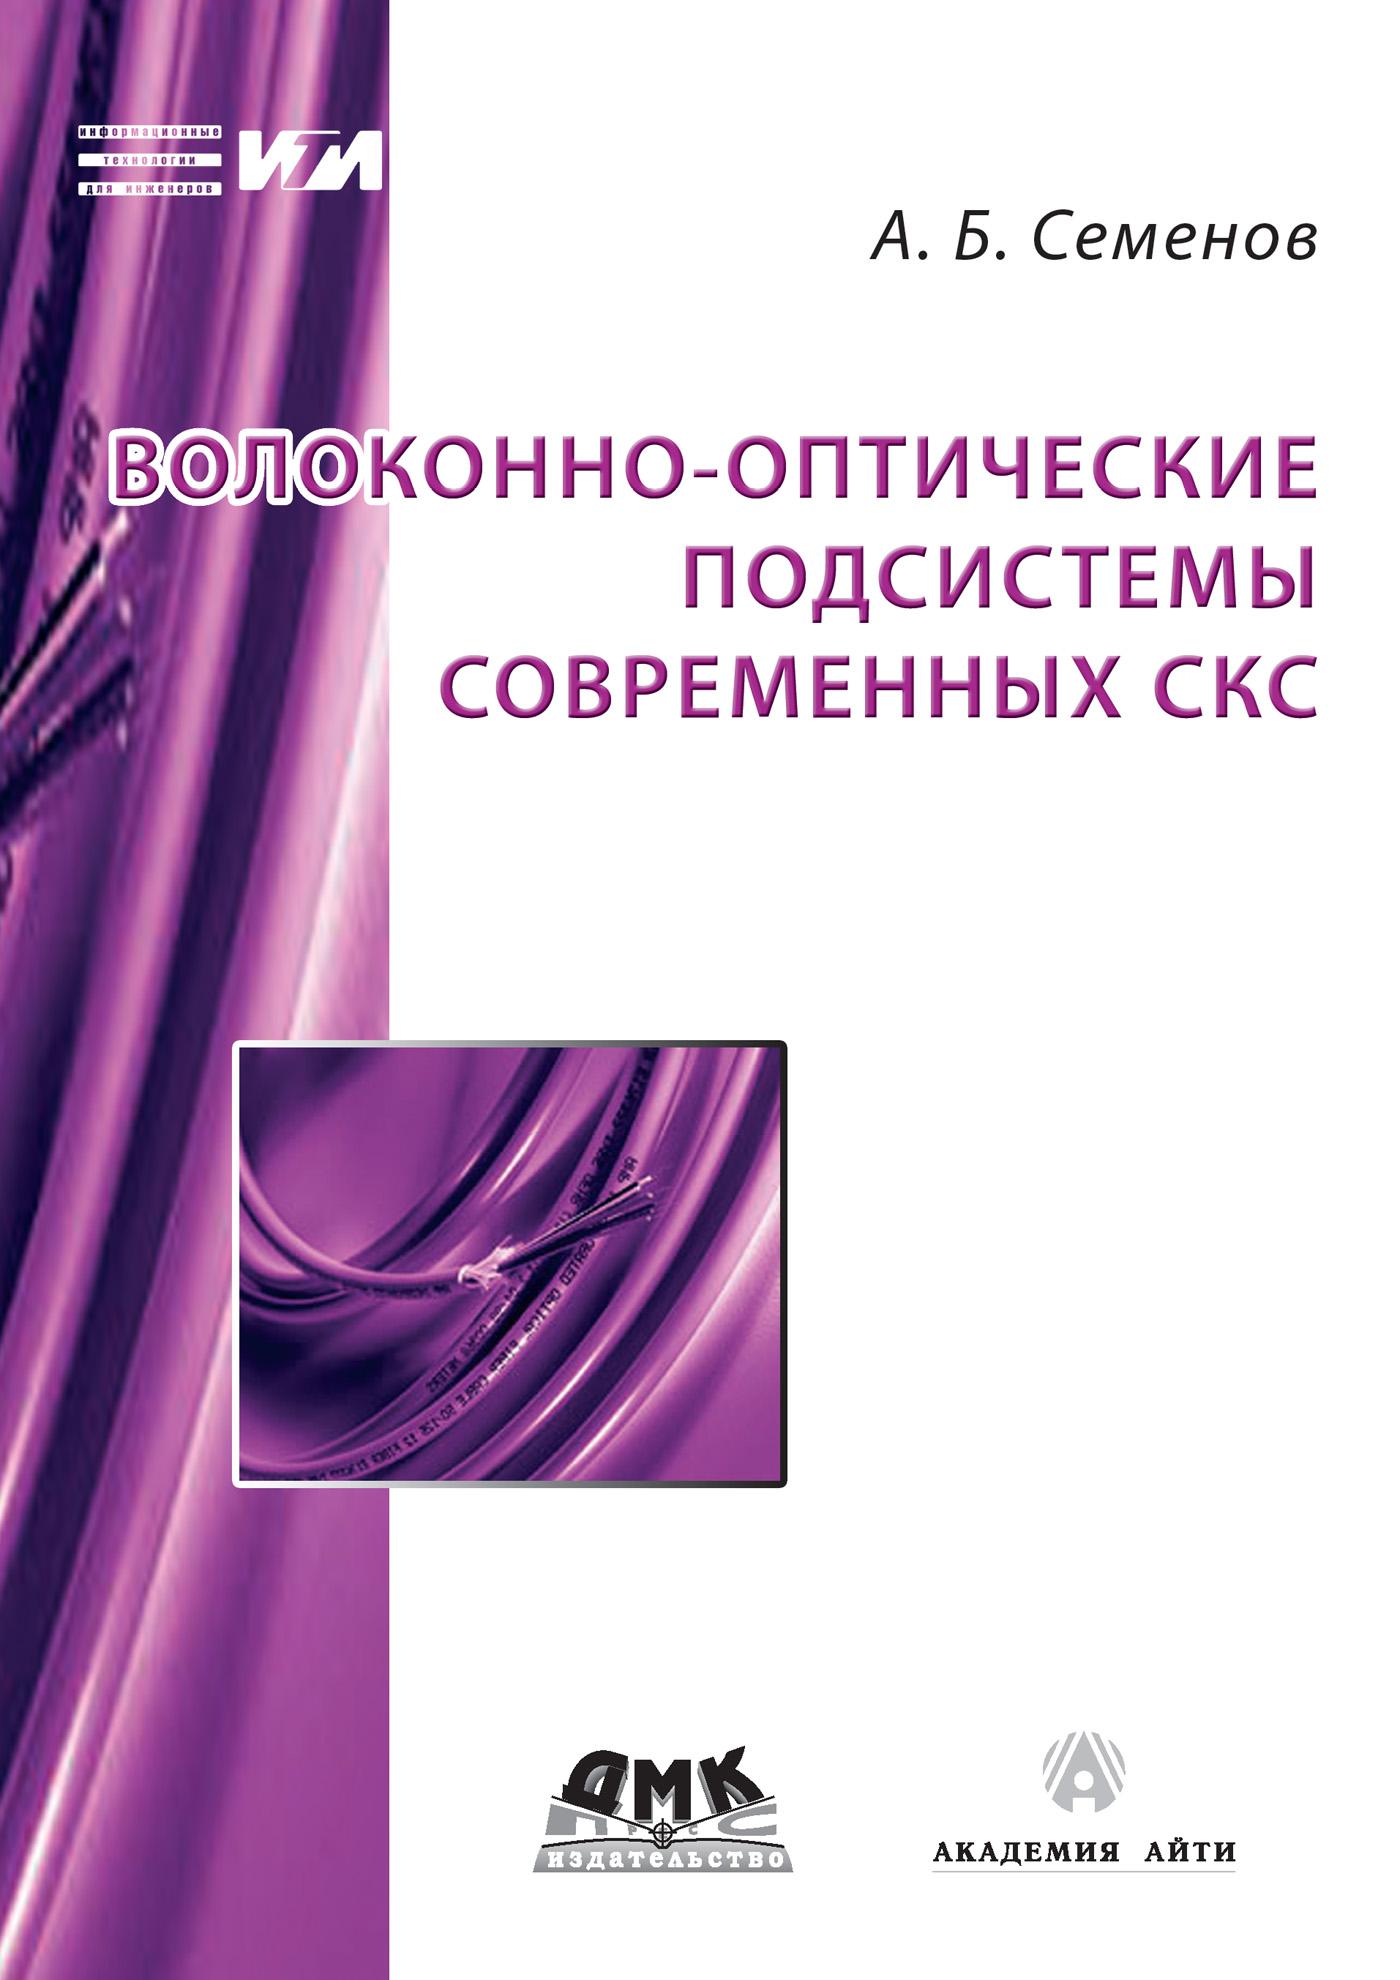 А. Б. Семено олоконно-оптические подсистемы соременных СКС